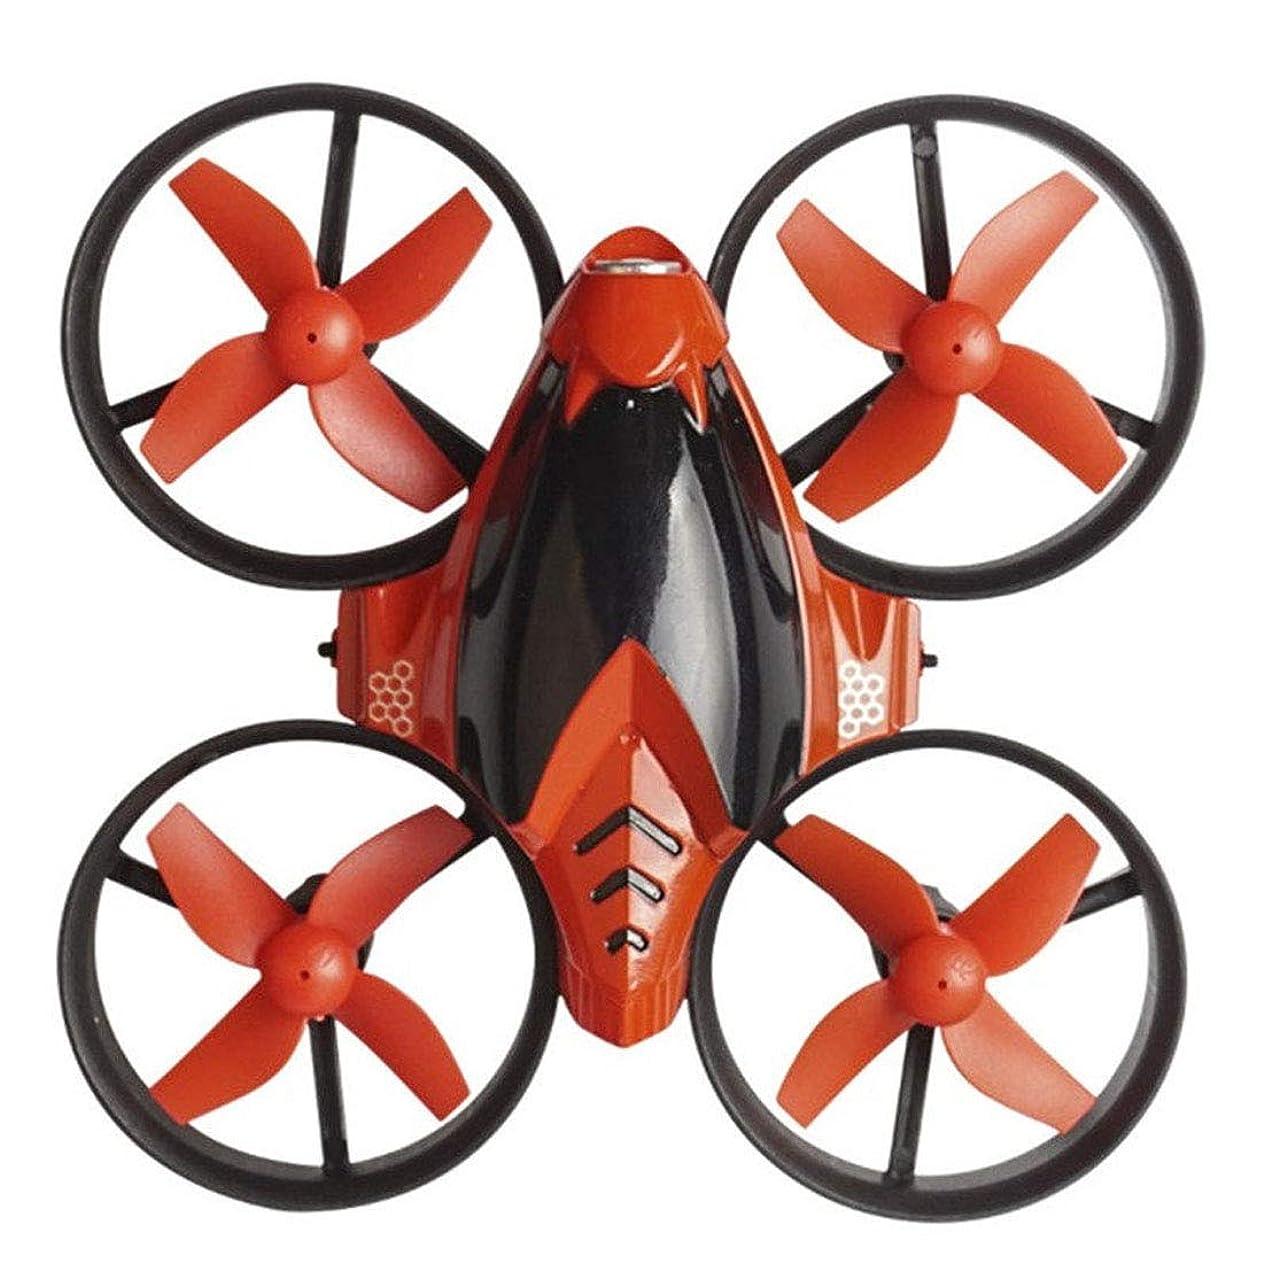 古い報いる宙返りプレミアム UFOフライングボールドローン子供用ハンドヘルド誘導浮上ドローンミニ赤外線誘導インタラクティブ航空機フライングボールおもちゃギフトキッズLED大人用 アップグレード済み